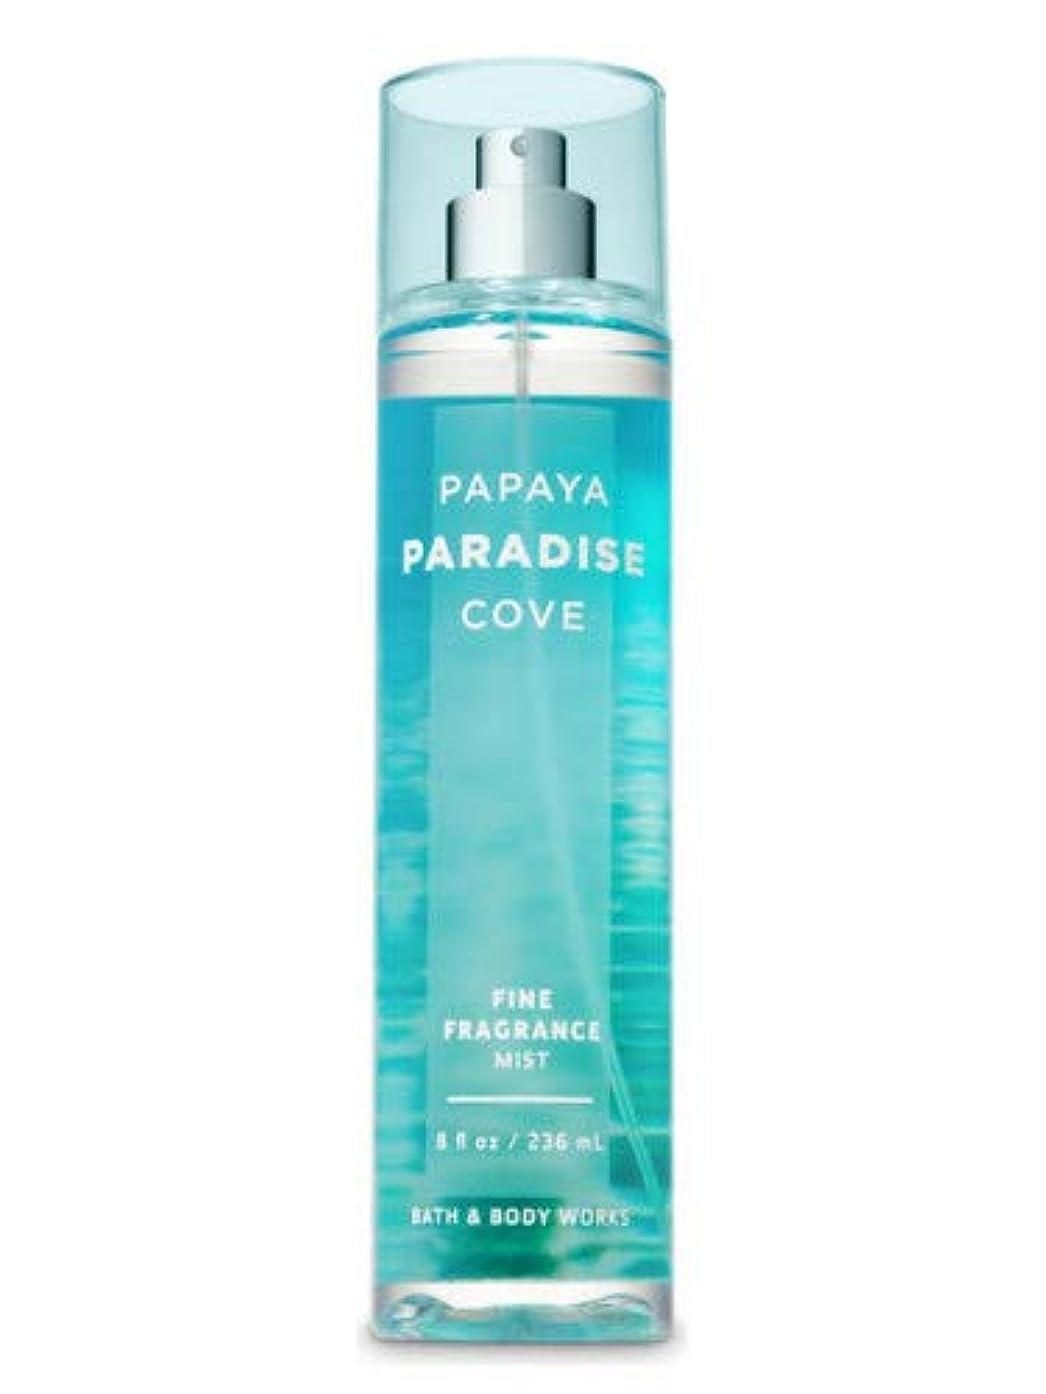 知覚的動機現れる【Bath&Body Works/バス&ボディワークス】 ファインフレグランスミスト パパイヤパラダイスコーヴ Fine Fragrance Mist Papaya Paradise Cove 8oz (236ml) [並行輸入品]